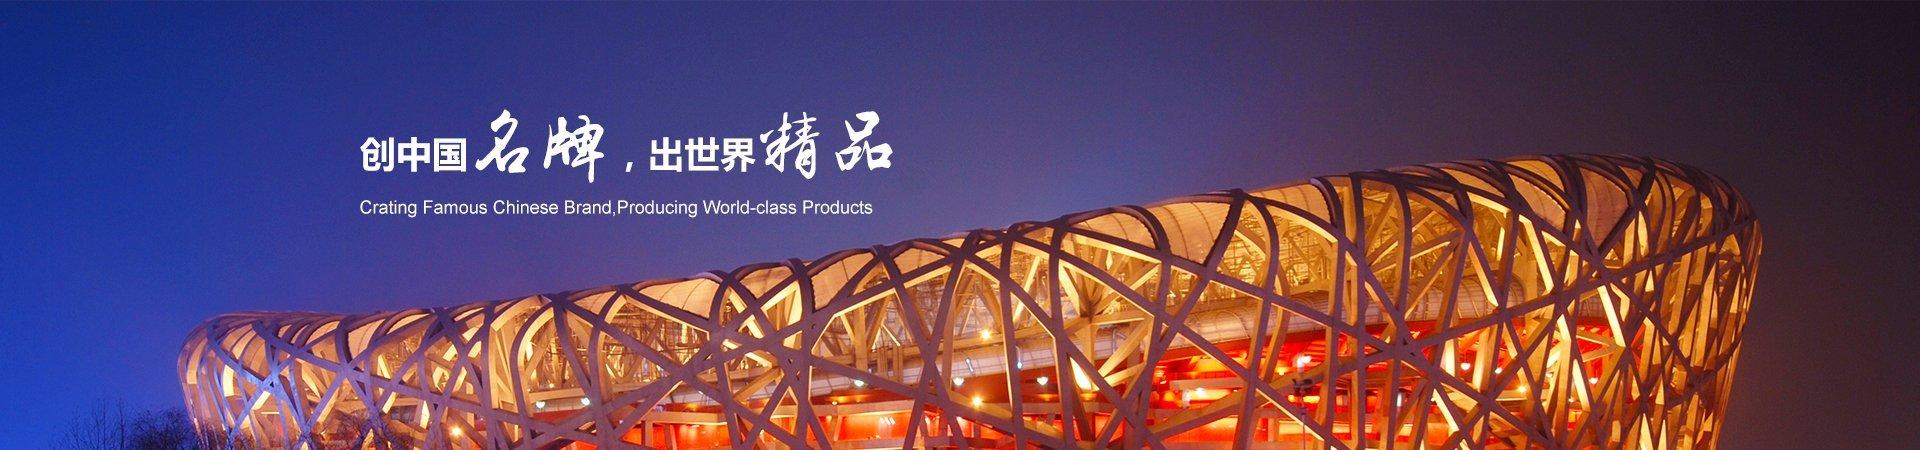 創中國名牌出世界精品